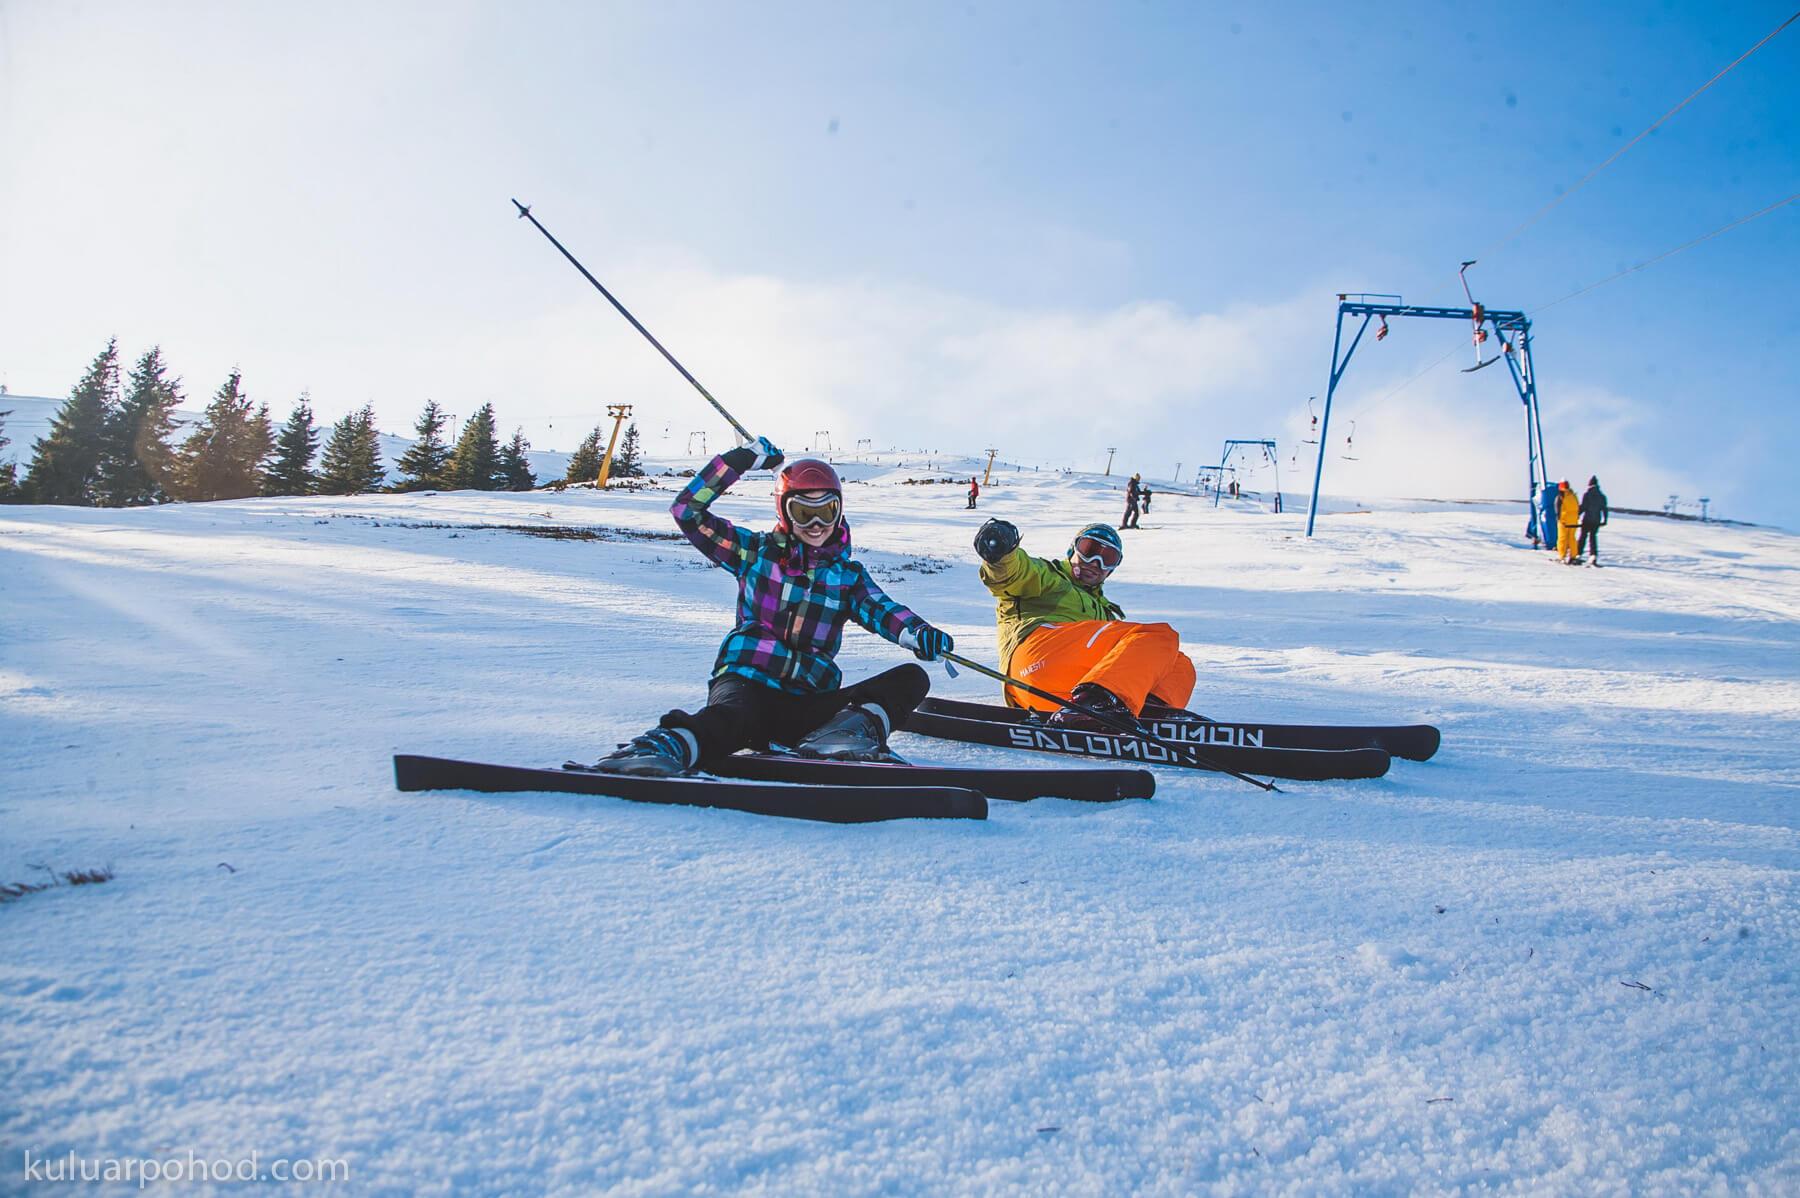 Топ-10 місць для катання на лижах в Україні 2018  7f16d328b0e13